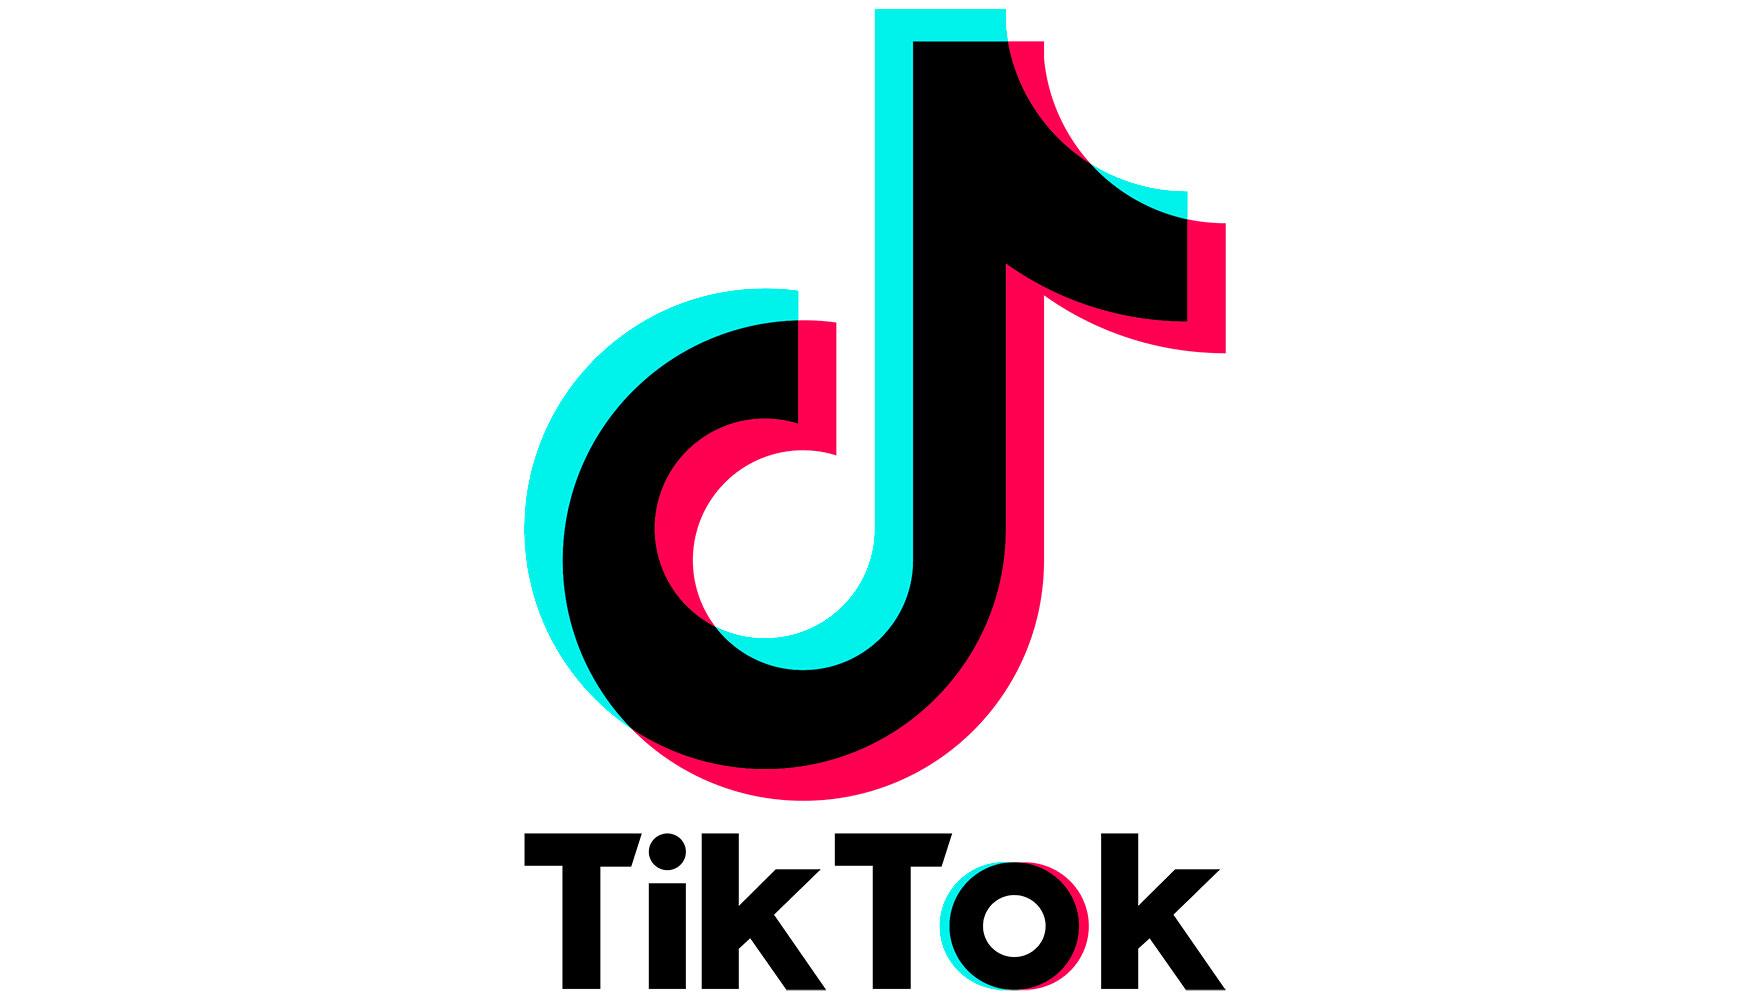 Check Point descubre una vulnerabilidad crítica en TikTok